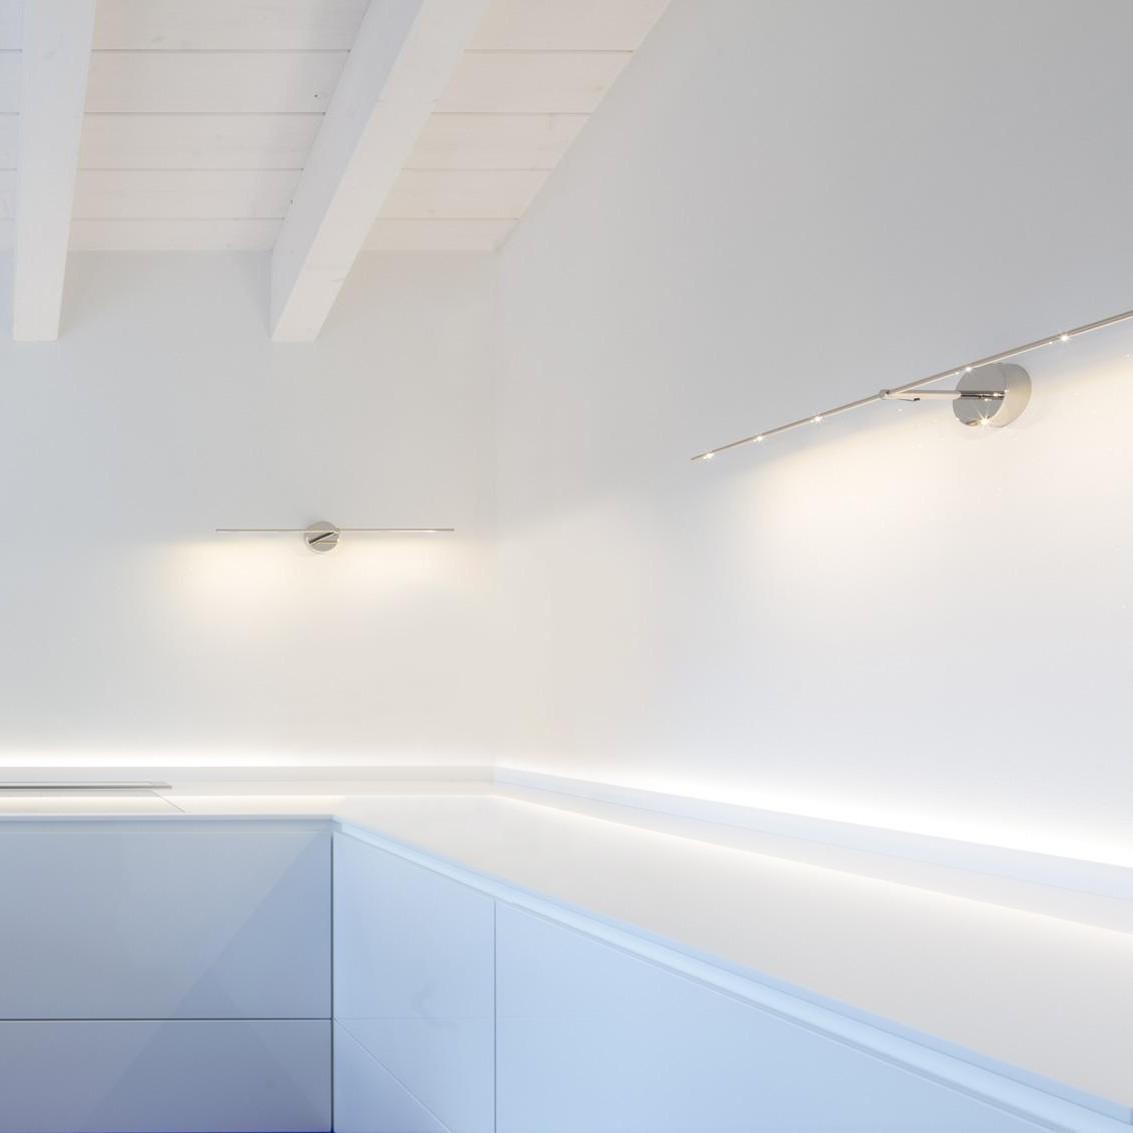 Full Size of Garten Klapptisch Küche Wohnzimmer Wand:ylp2gzuwkdi= Klapptisch